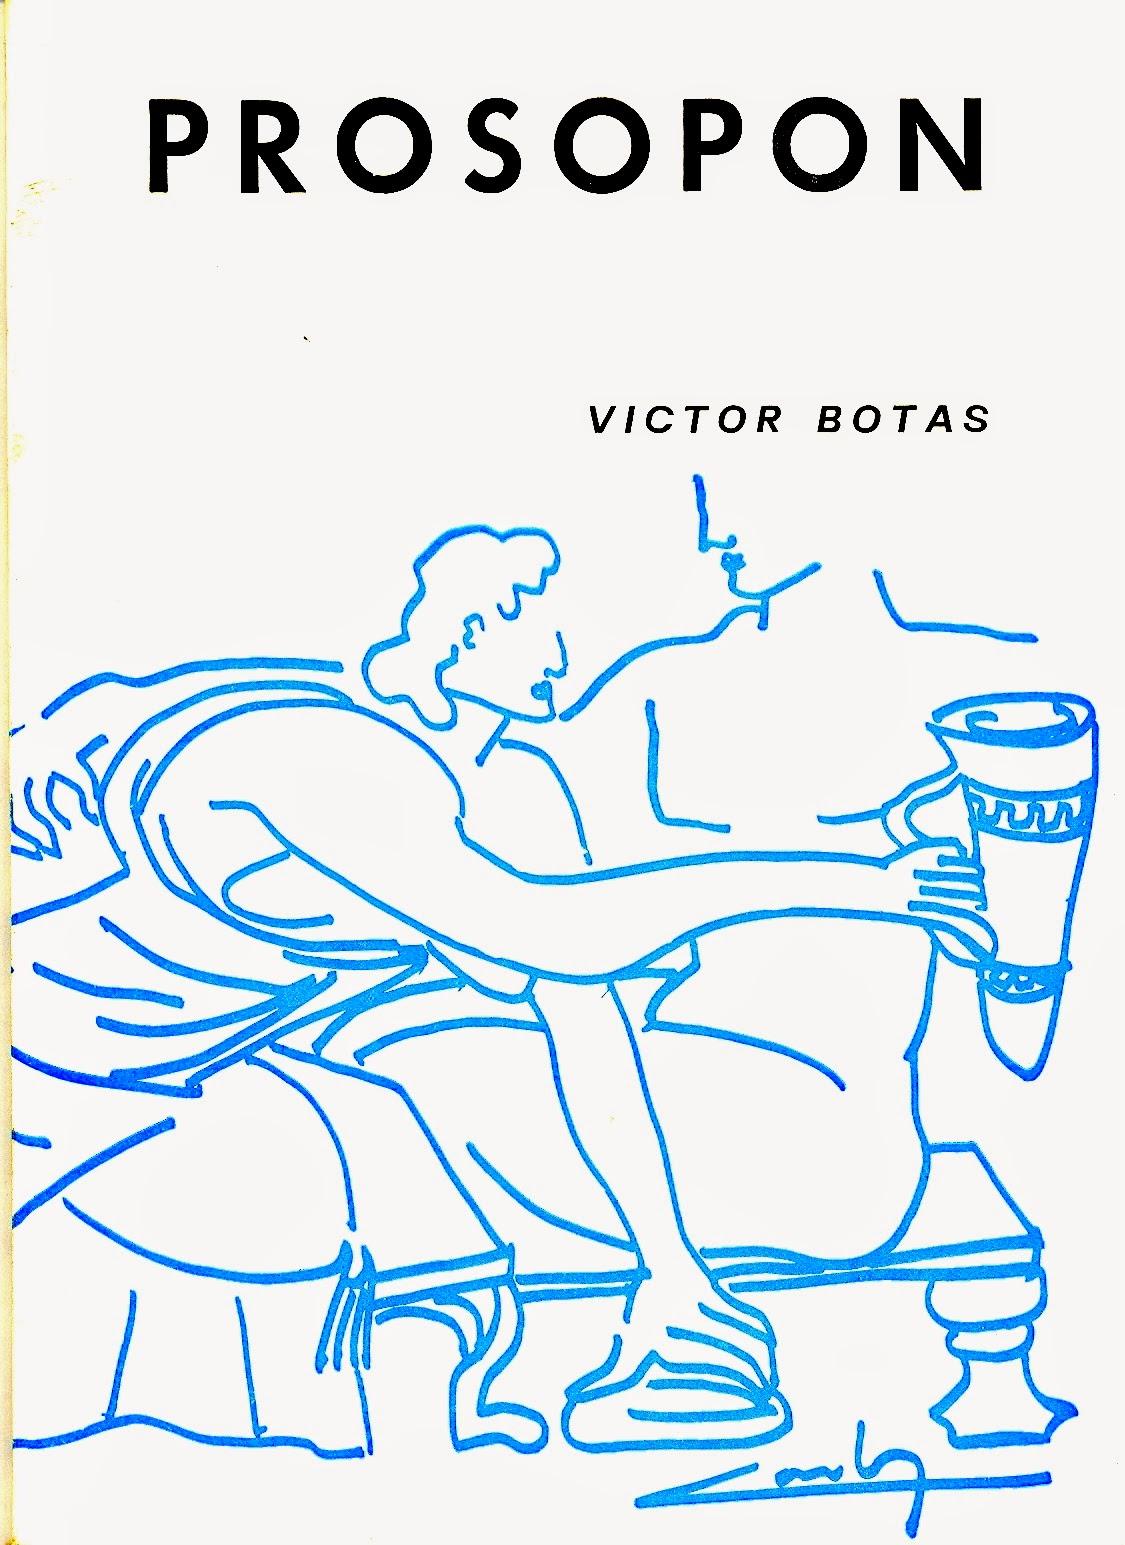 """Victor Botas, """"Prosopón"""". Col. «Gárgola», Ed. El Toro de Barro, Carlos de la Rica Ed., Carboneras del Guadazaón de Cuenca, 1980, edicioneseltorodebarro@yahoo.es"""